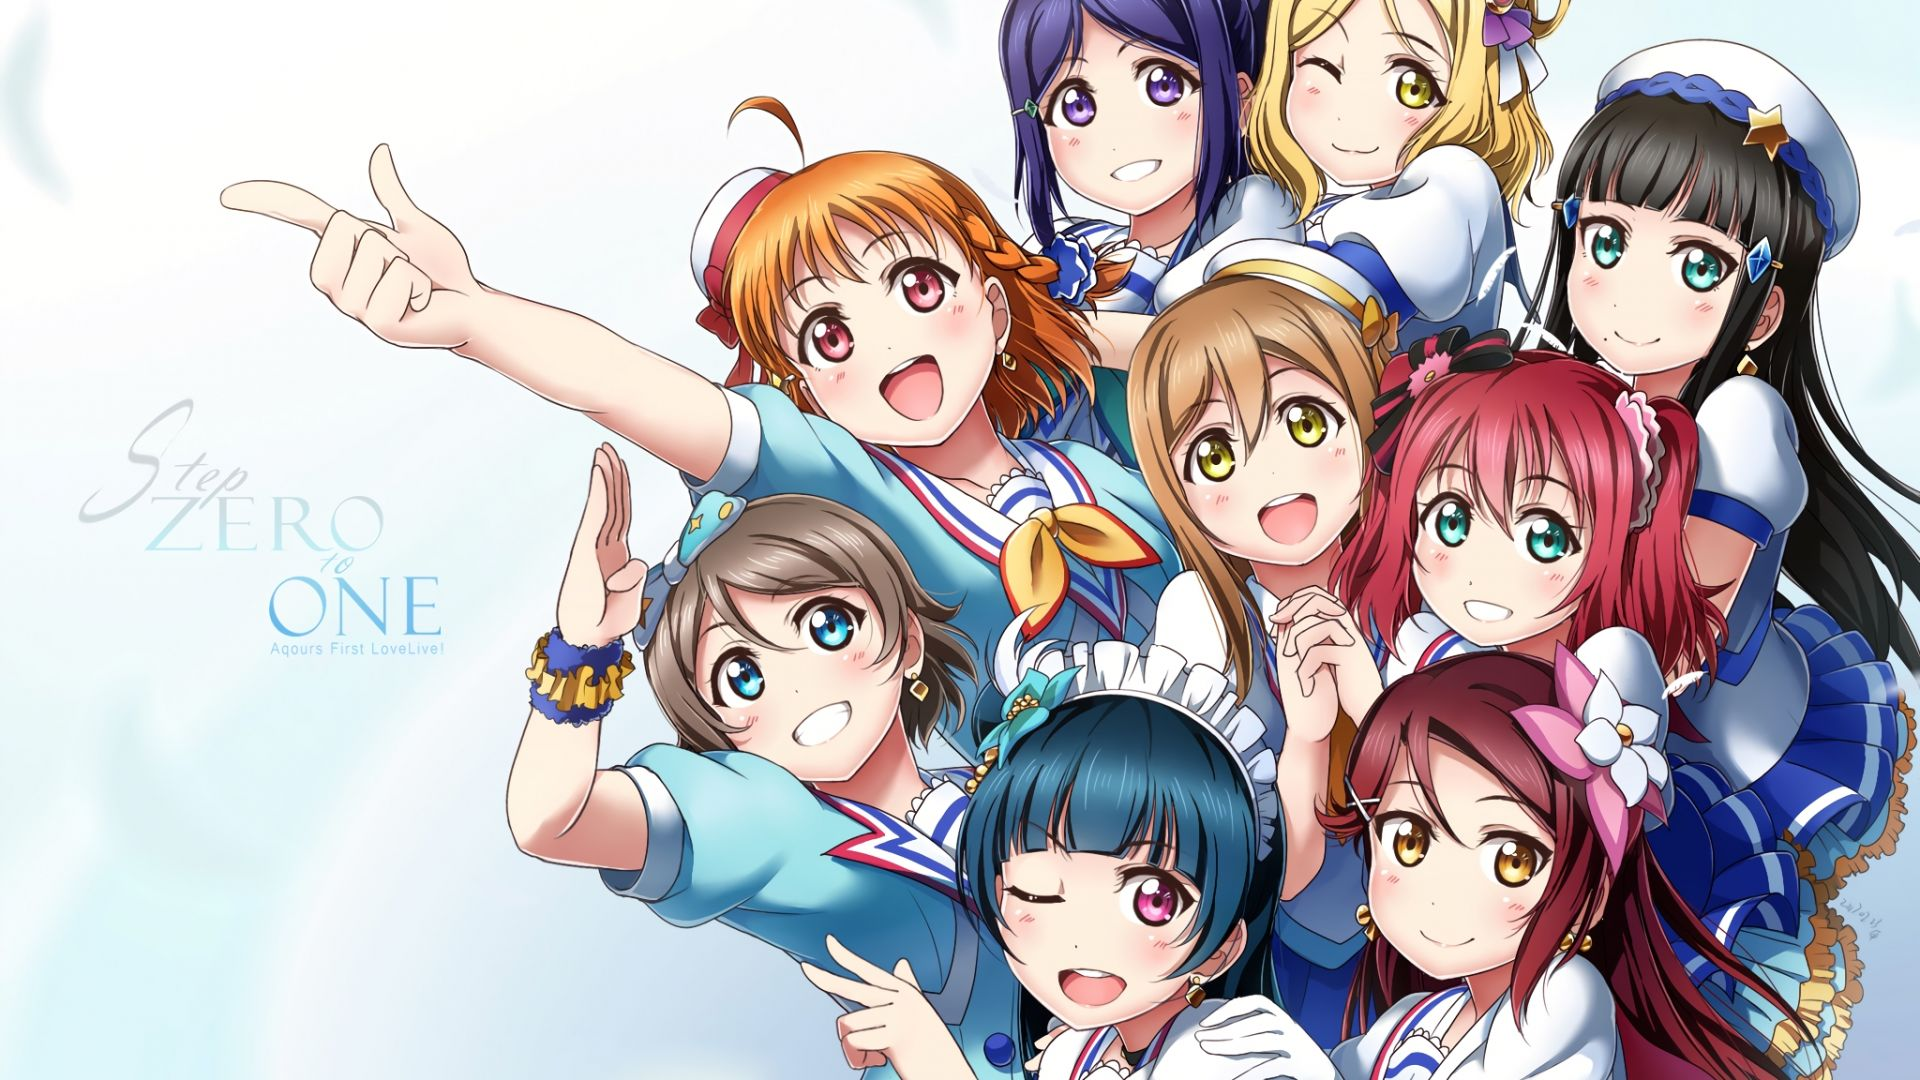 Wallpaper Love Live! Sunshine!!, anime girls